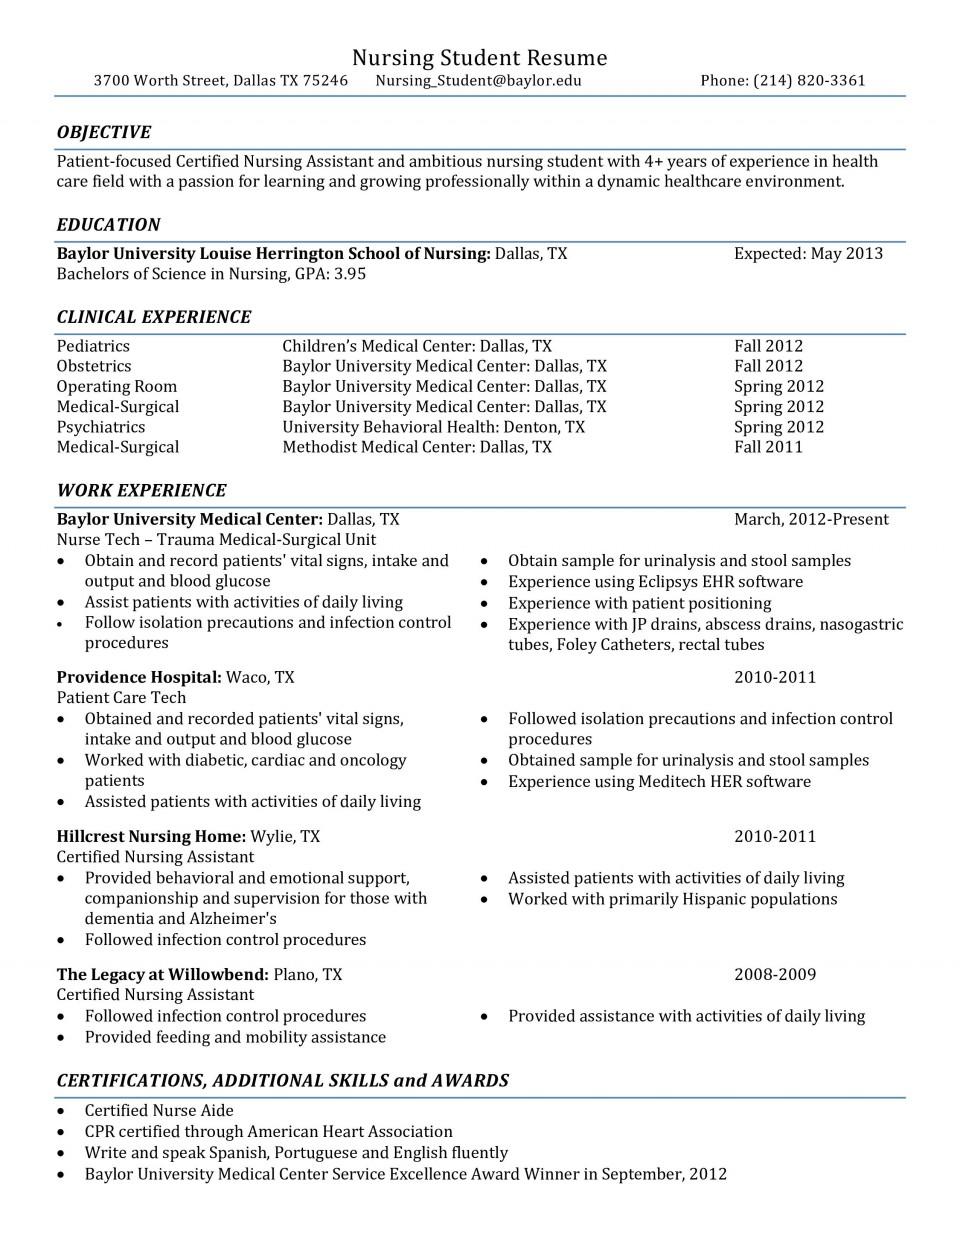 001 Rare Nursing Student Resume Template Example  Free Word960